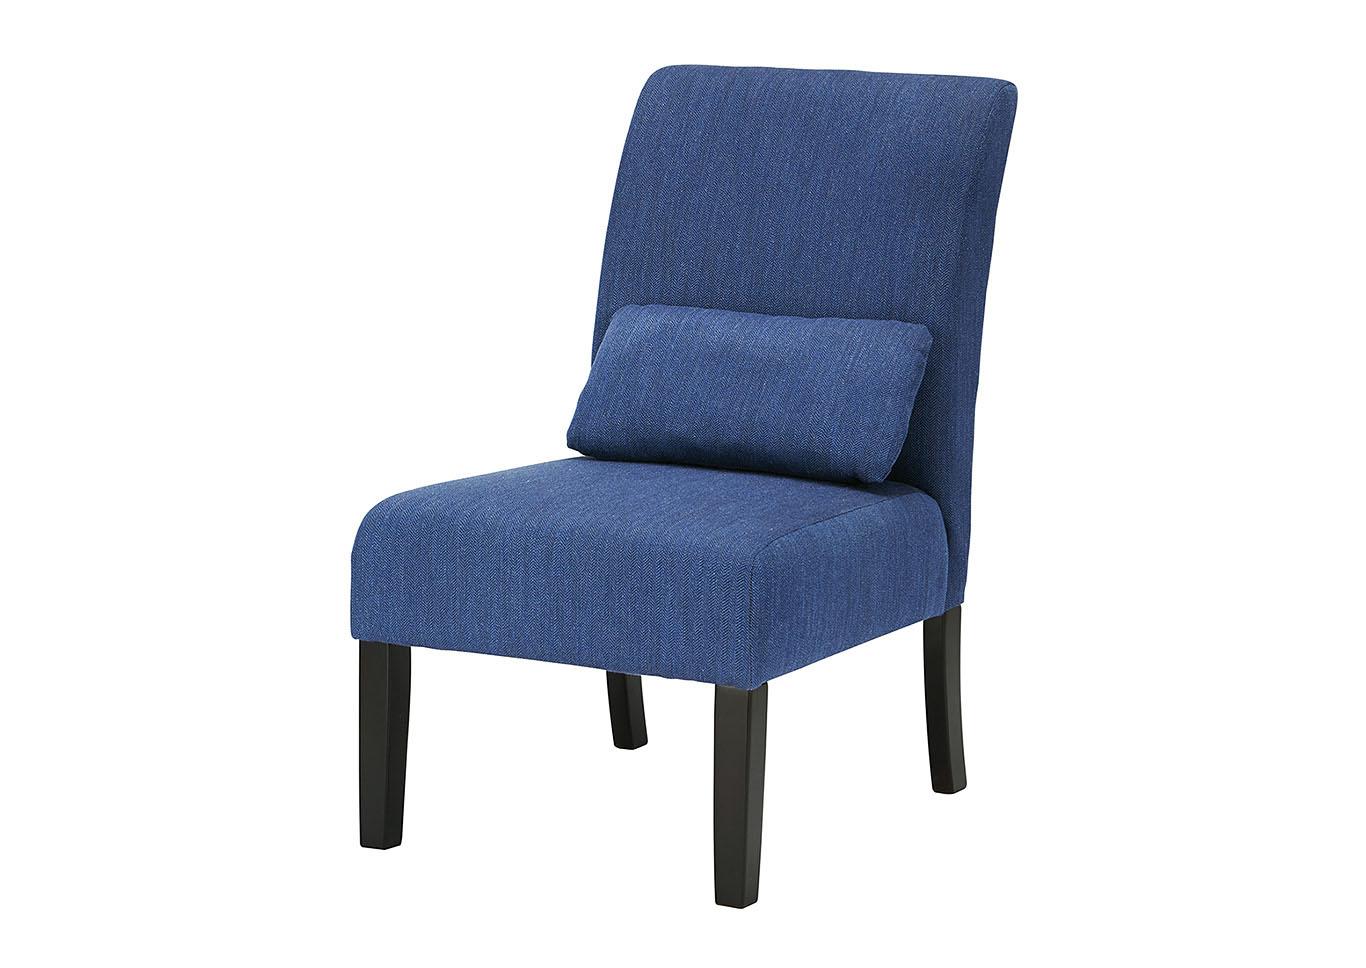 Merveilleux Furniture. U003e